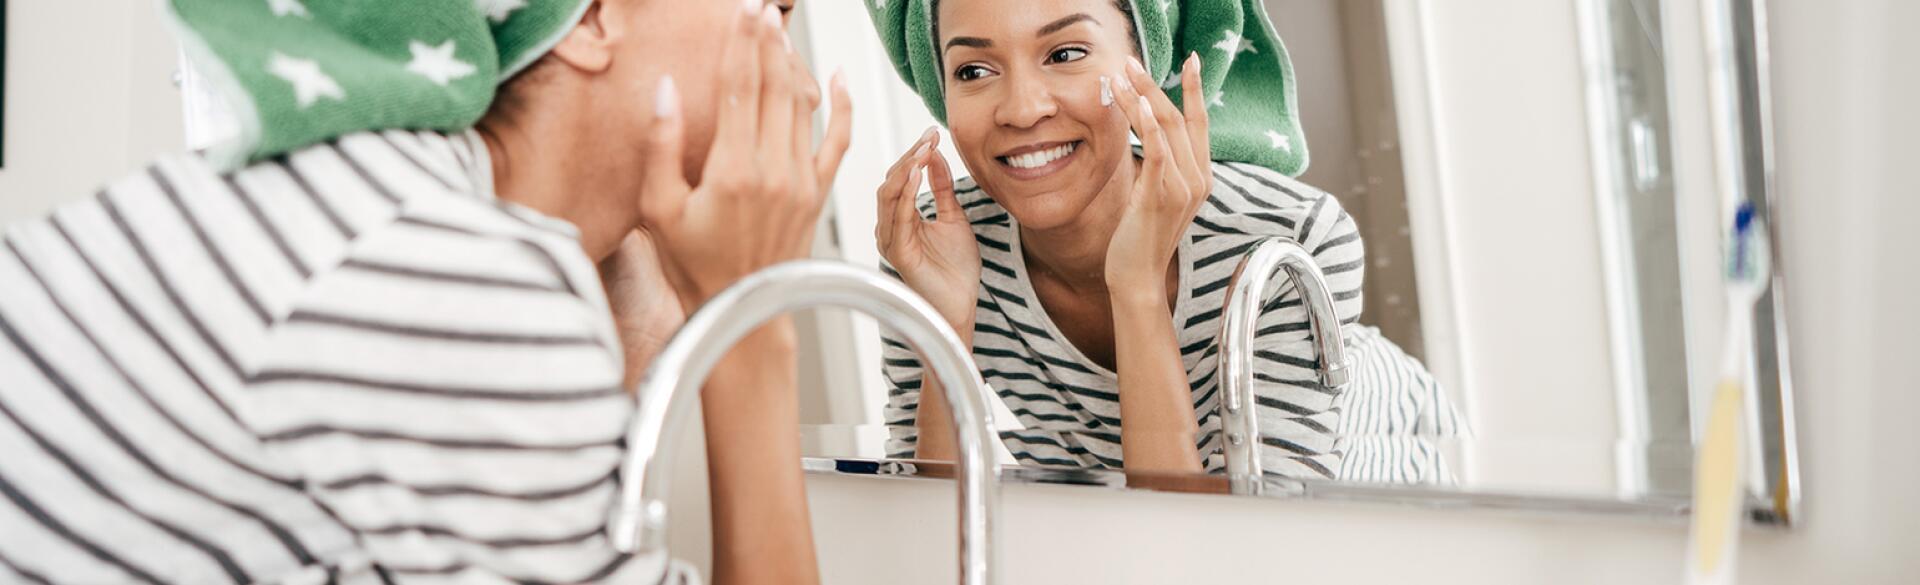 AARP, The Girlfriend, Retinol, Wrinkle Creams, anti-aging